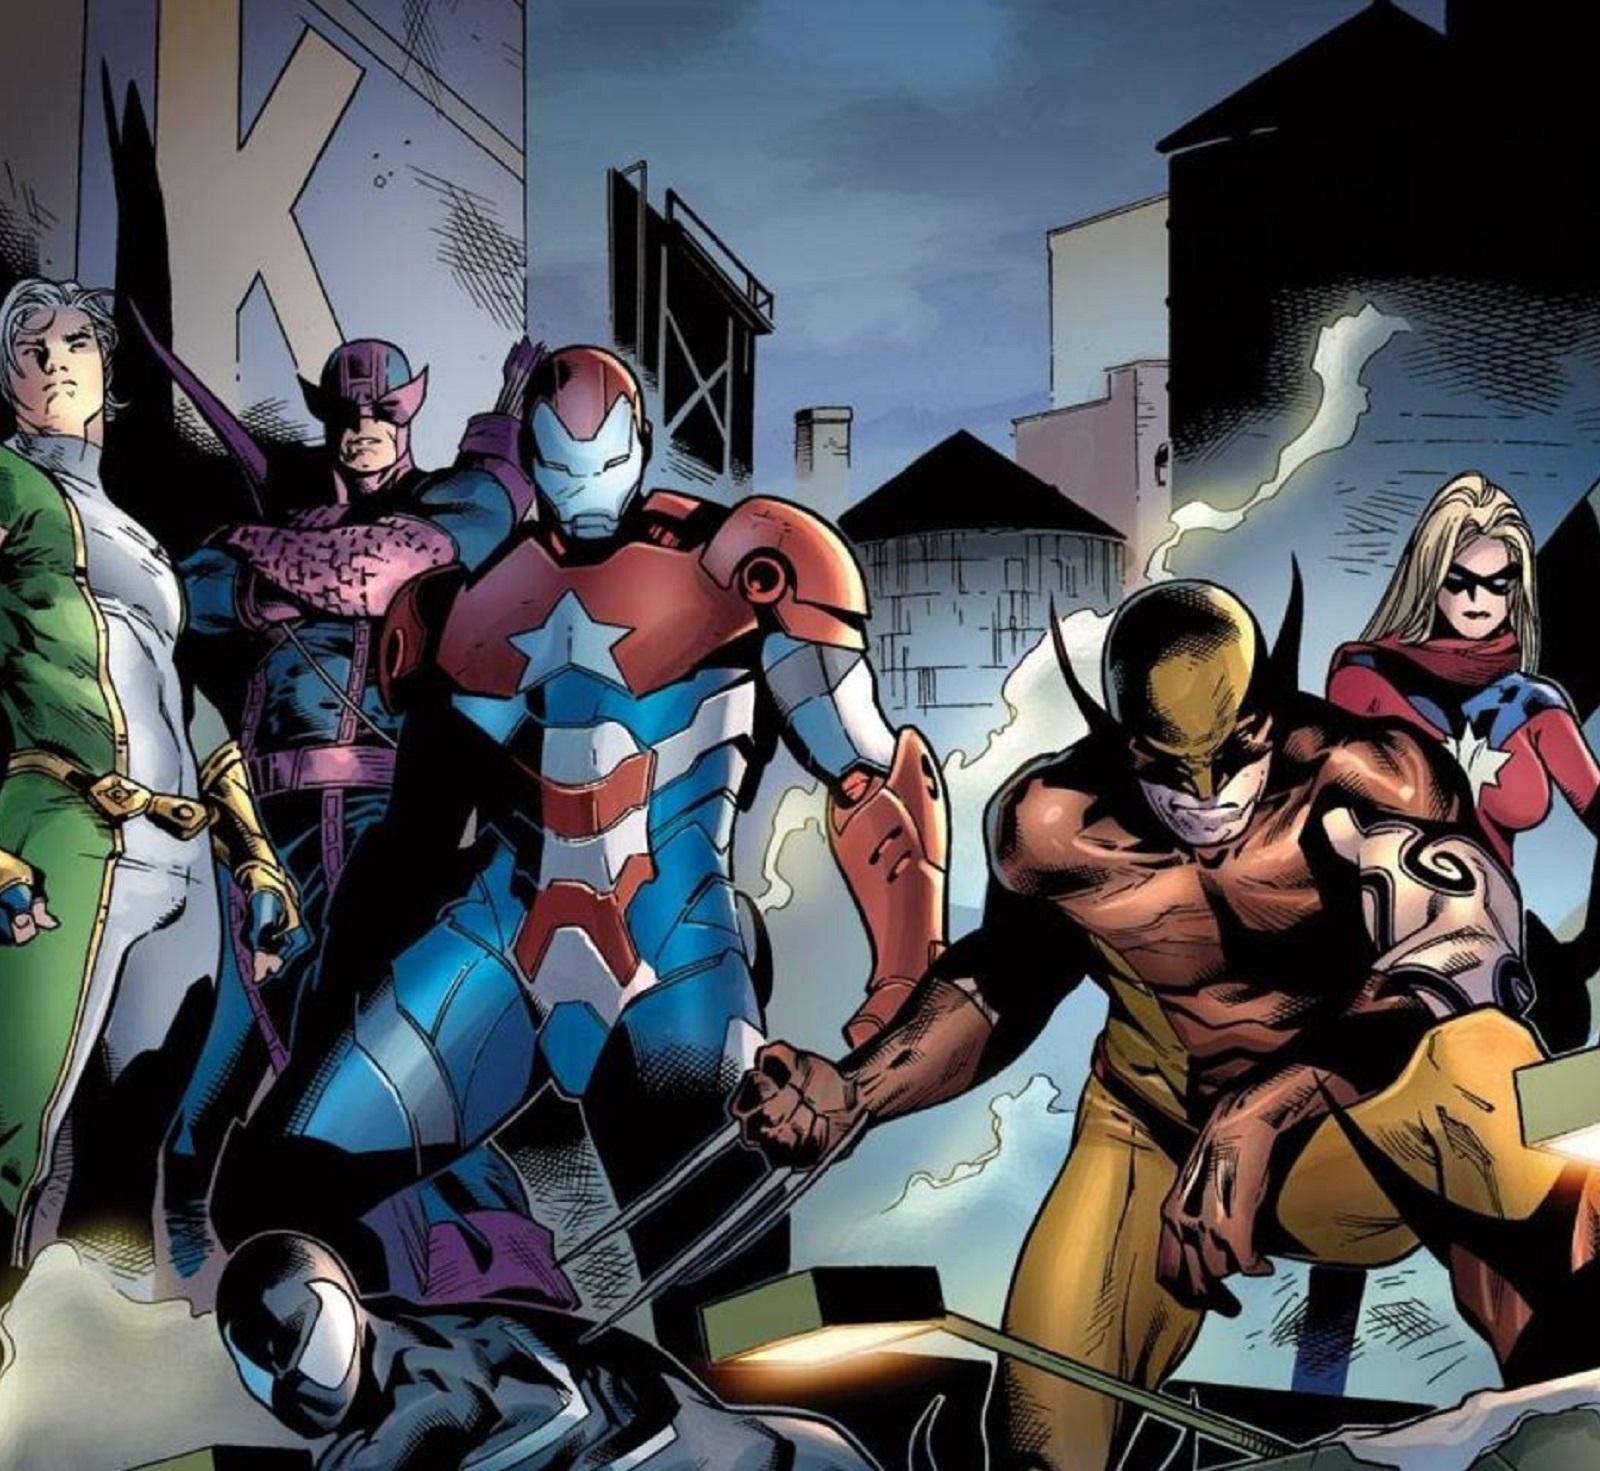 El tópic del Universo Cinematográfico Marvel  - Página 16 Hipertextual-quienes-son-oscuros-nuevos-jovenes-vengadores-posible-futuro-avengers-cine-2019744373